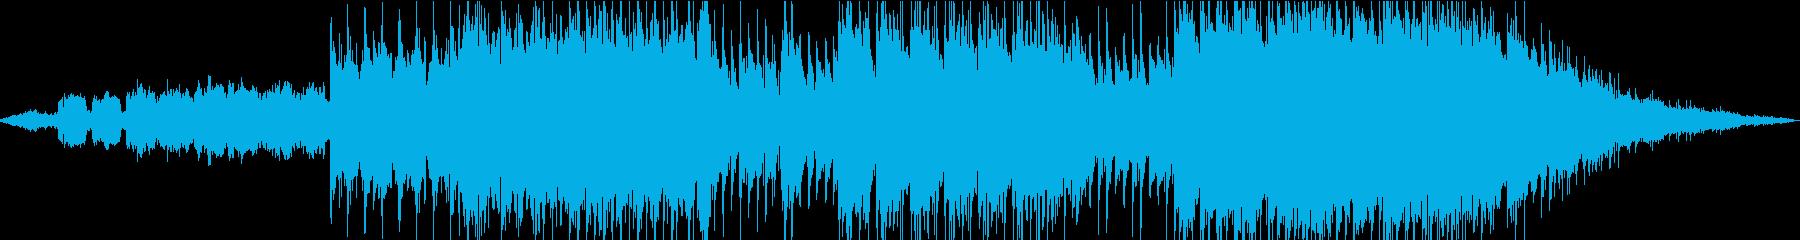 音楽から戦争、そしてドラム音まで。中世。の再生済みの波形